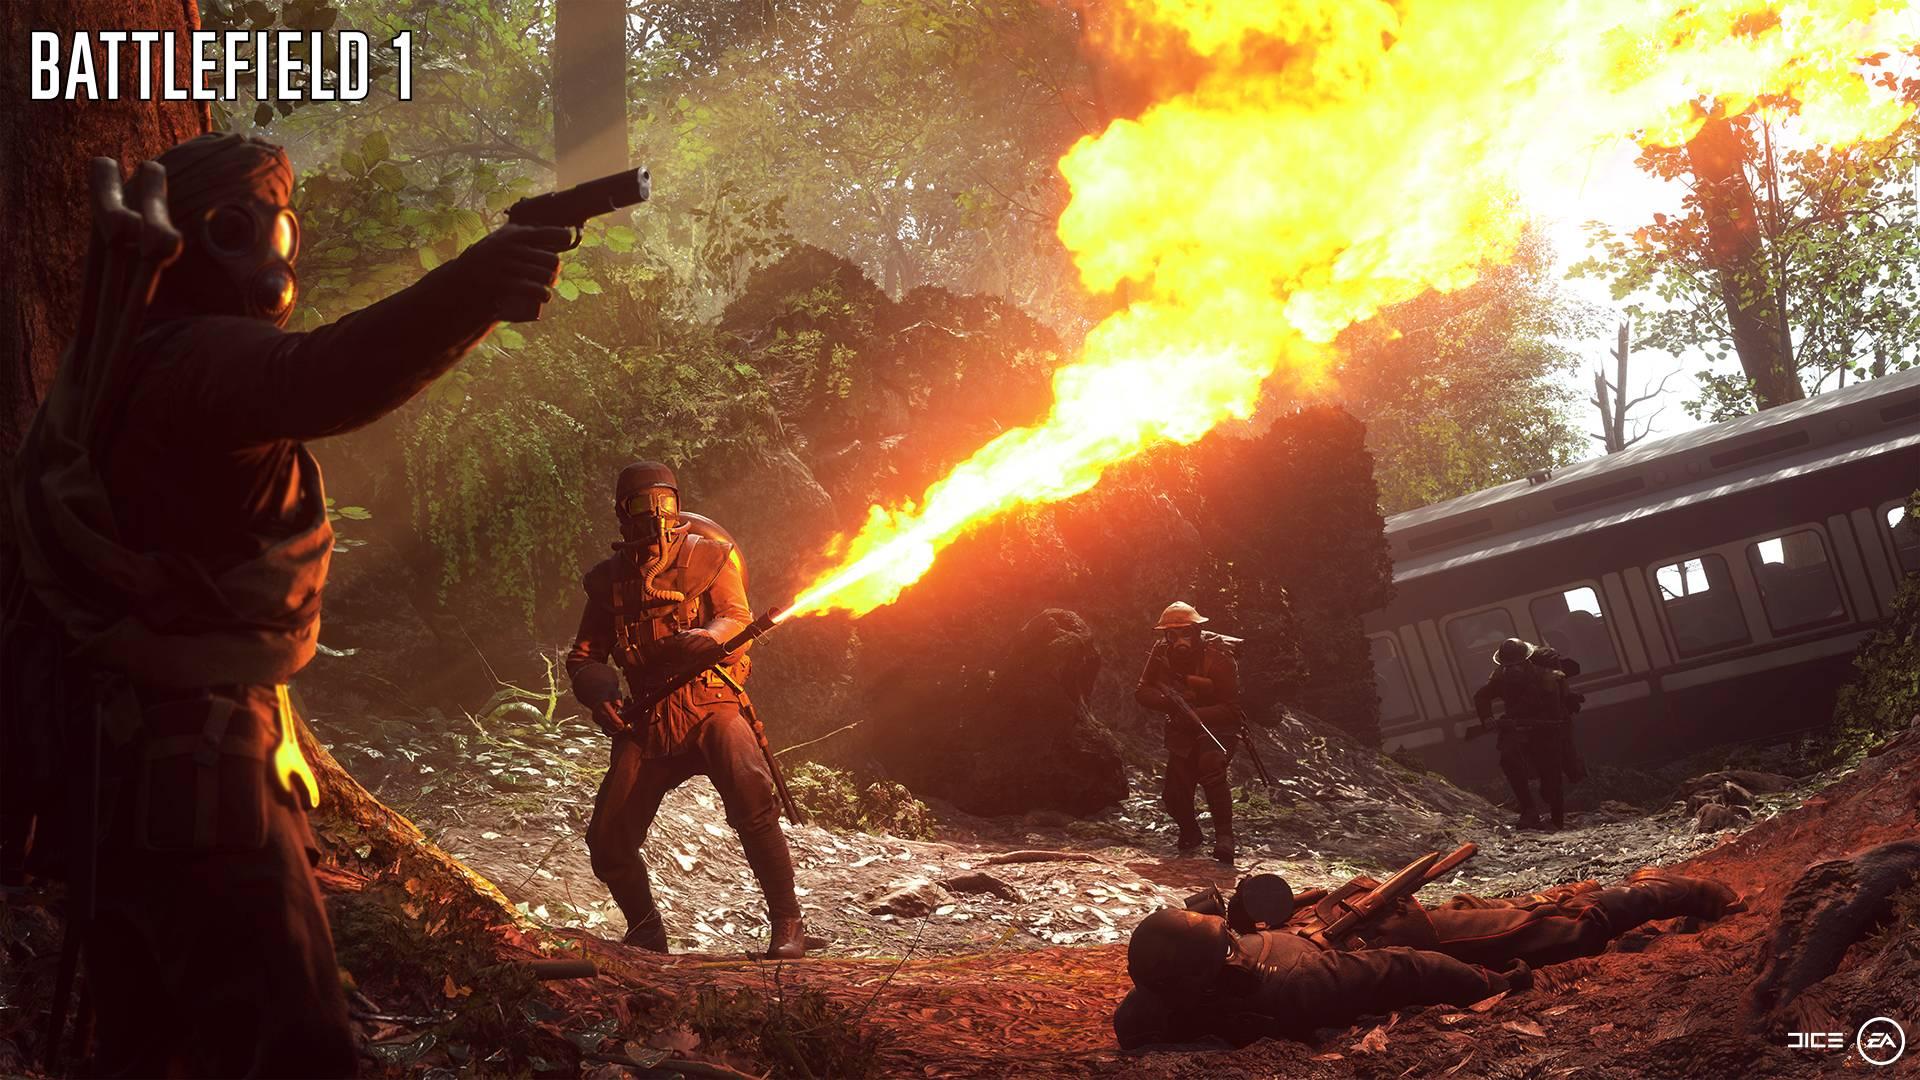 Battlefield 1 Wallpaper Elite Classes Battlefield 1 427366